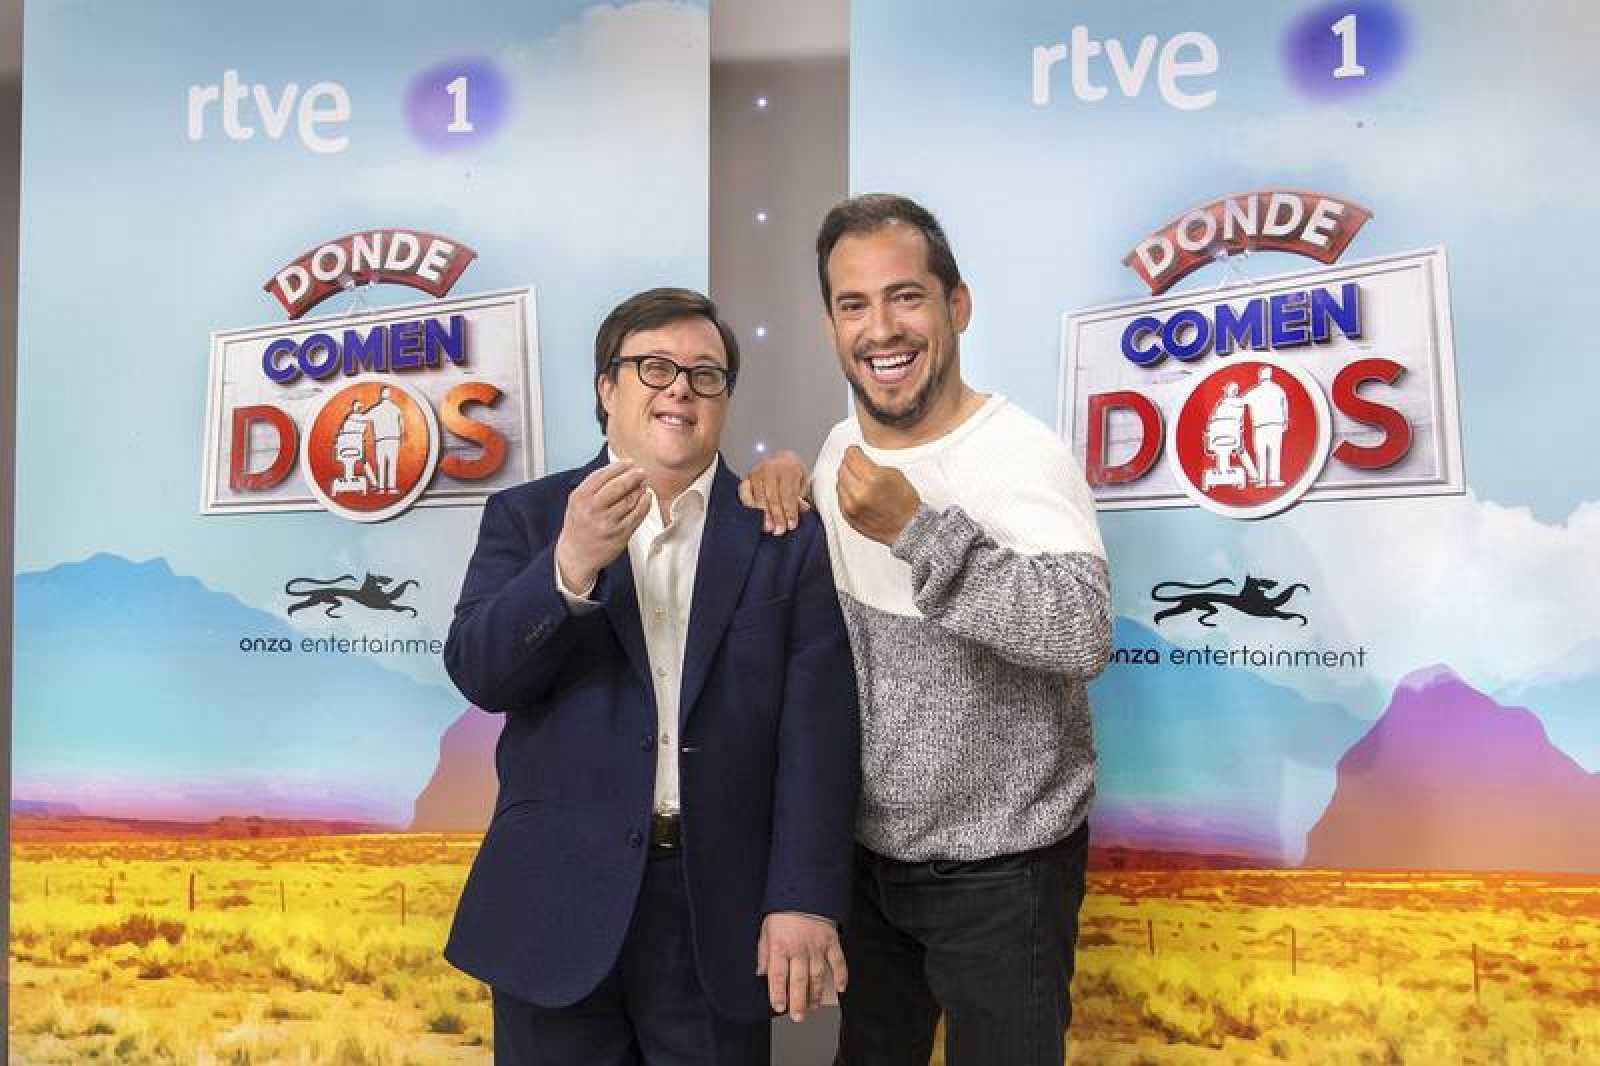 Pablo Pineda y El Langui en 'Donde comen dos'